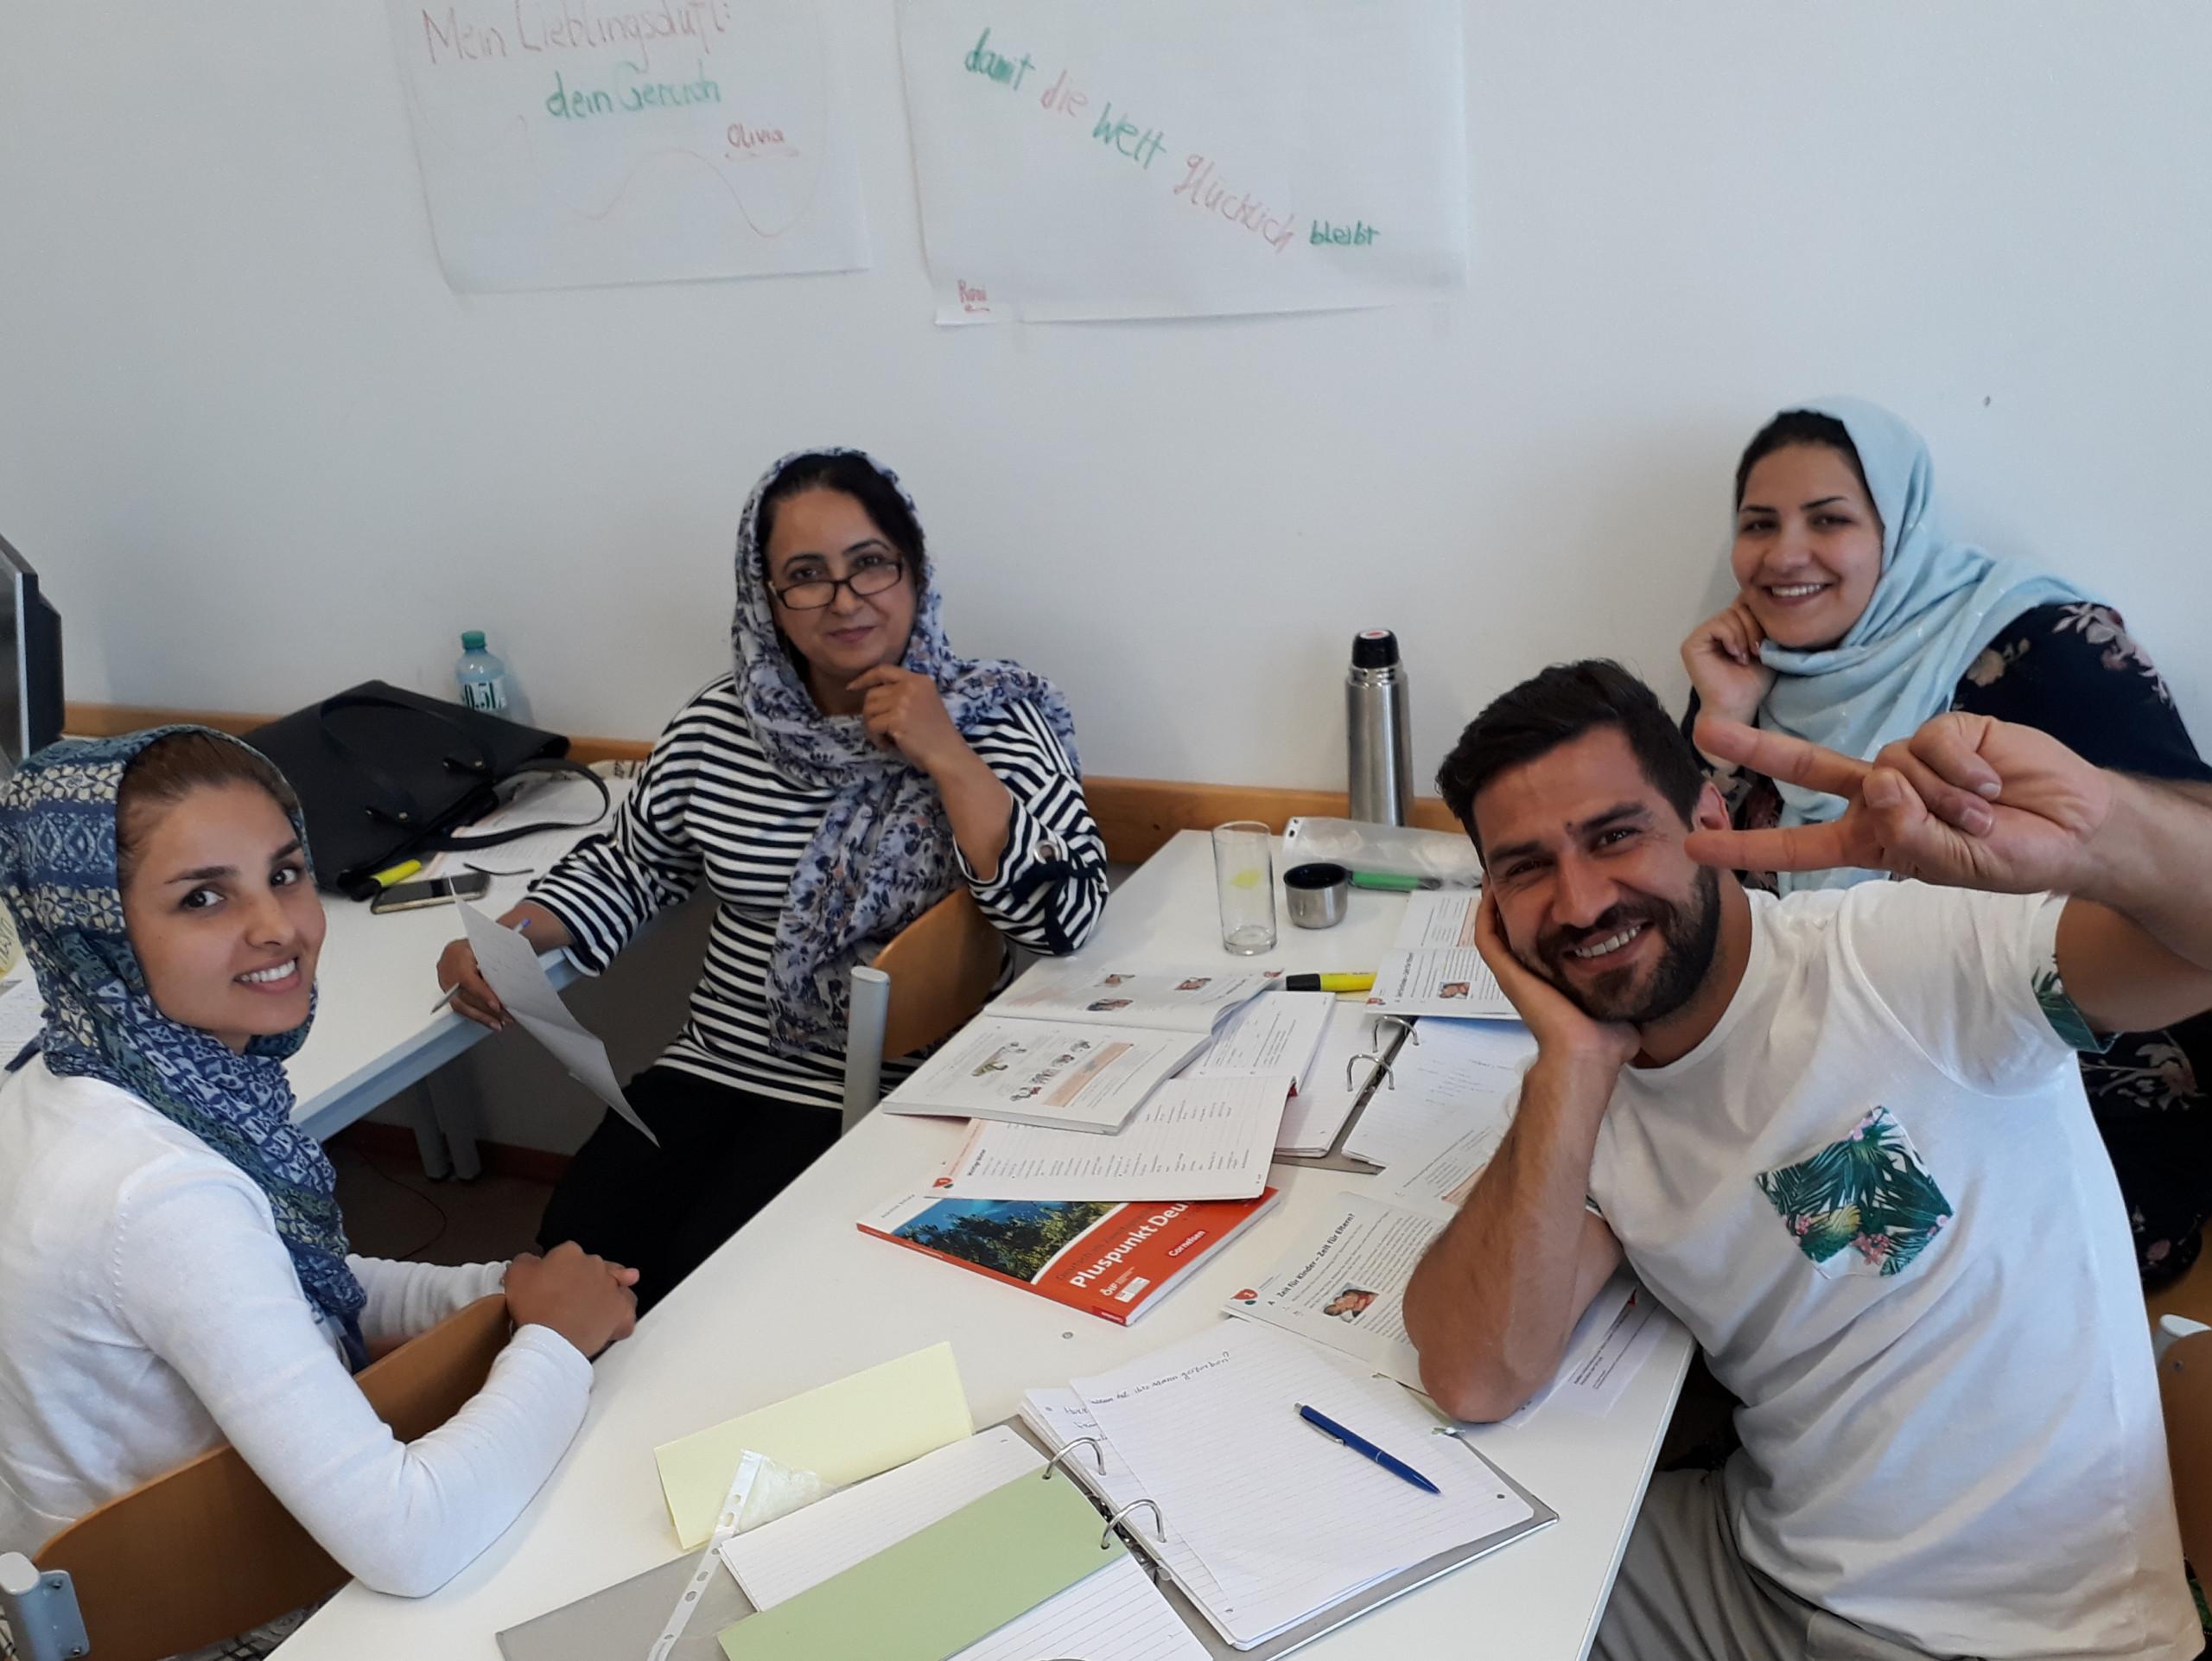 Gruppenbild von SprachkursteilnehmerInnen der Deutschkurse am BPI der ÖJAB.